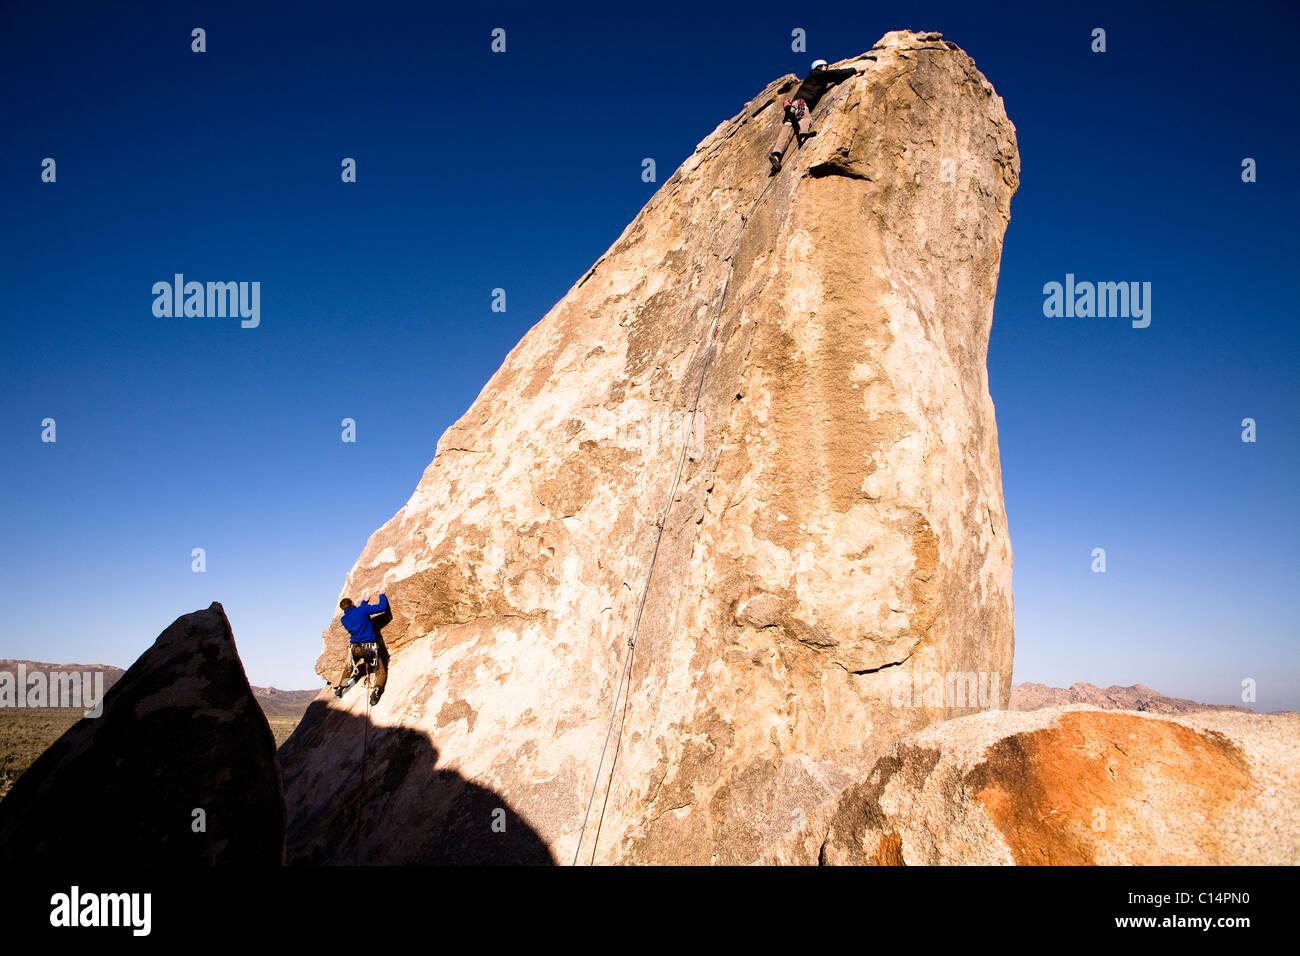 Dos hombres escaladores trabajar su camino lápida Rock en el Parque Nacional Joshua Tree, California. Imagen De Stock